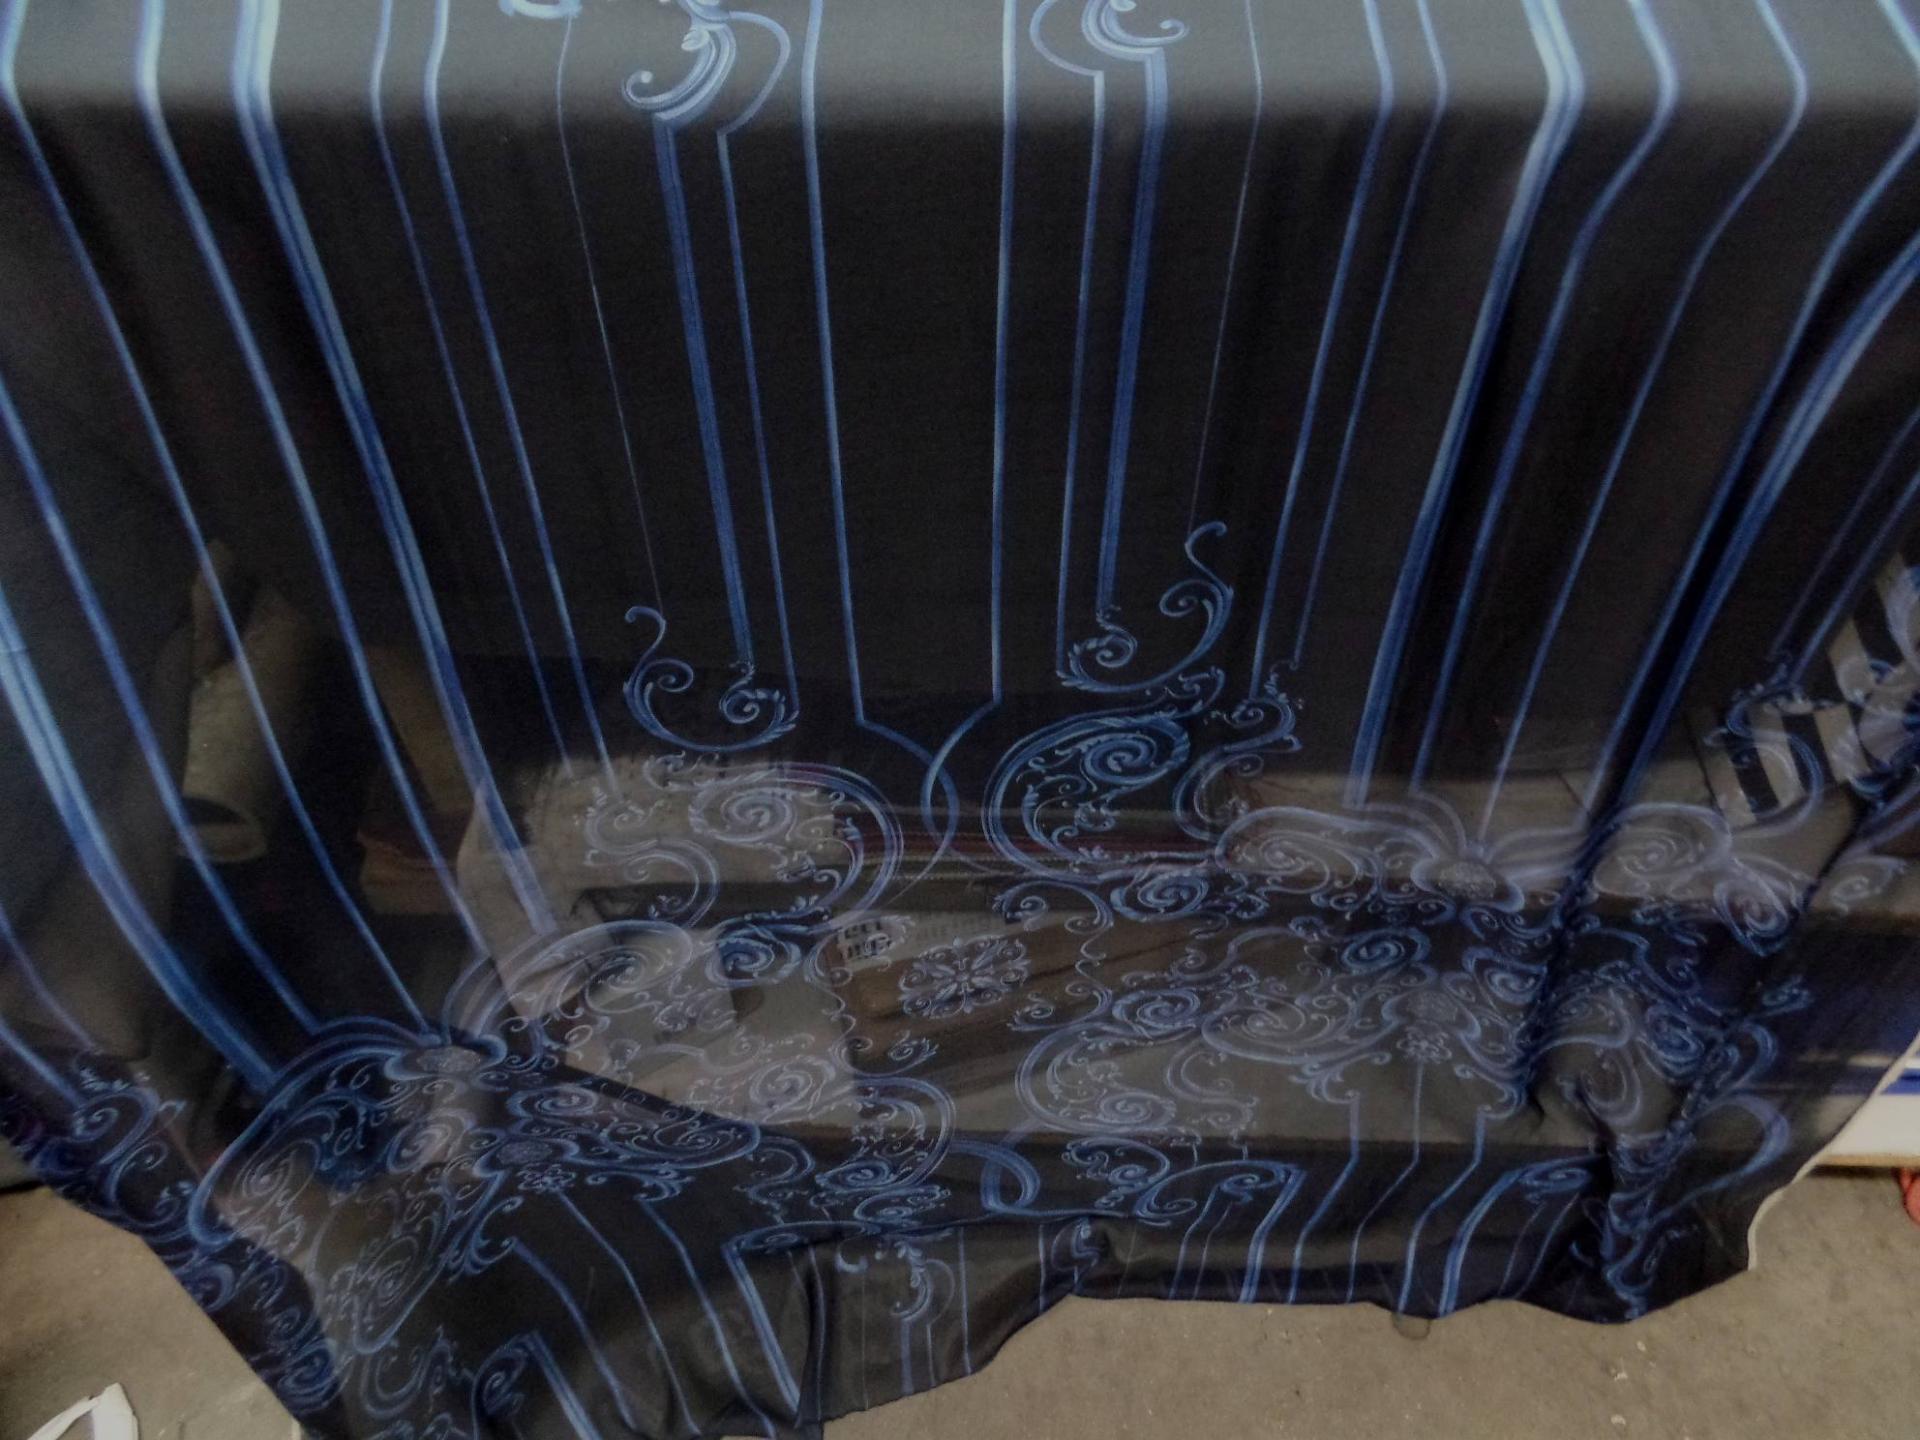 étoffe mousseline de soie noire imprimé volutes bleu .